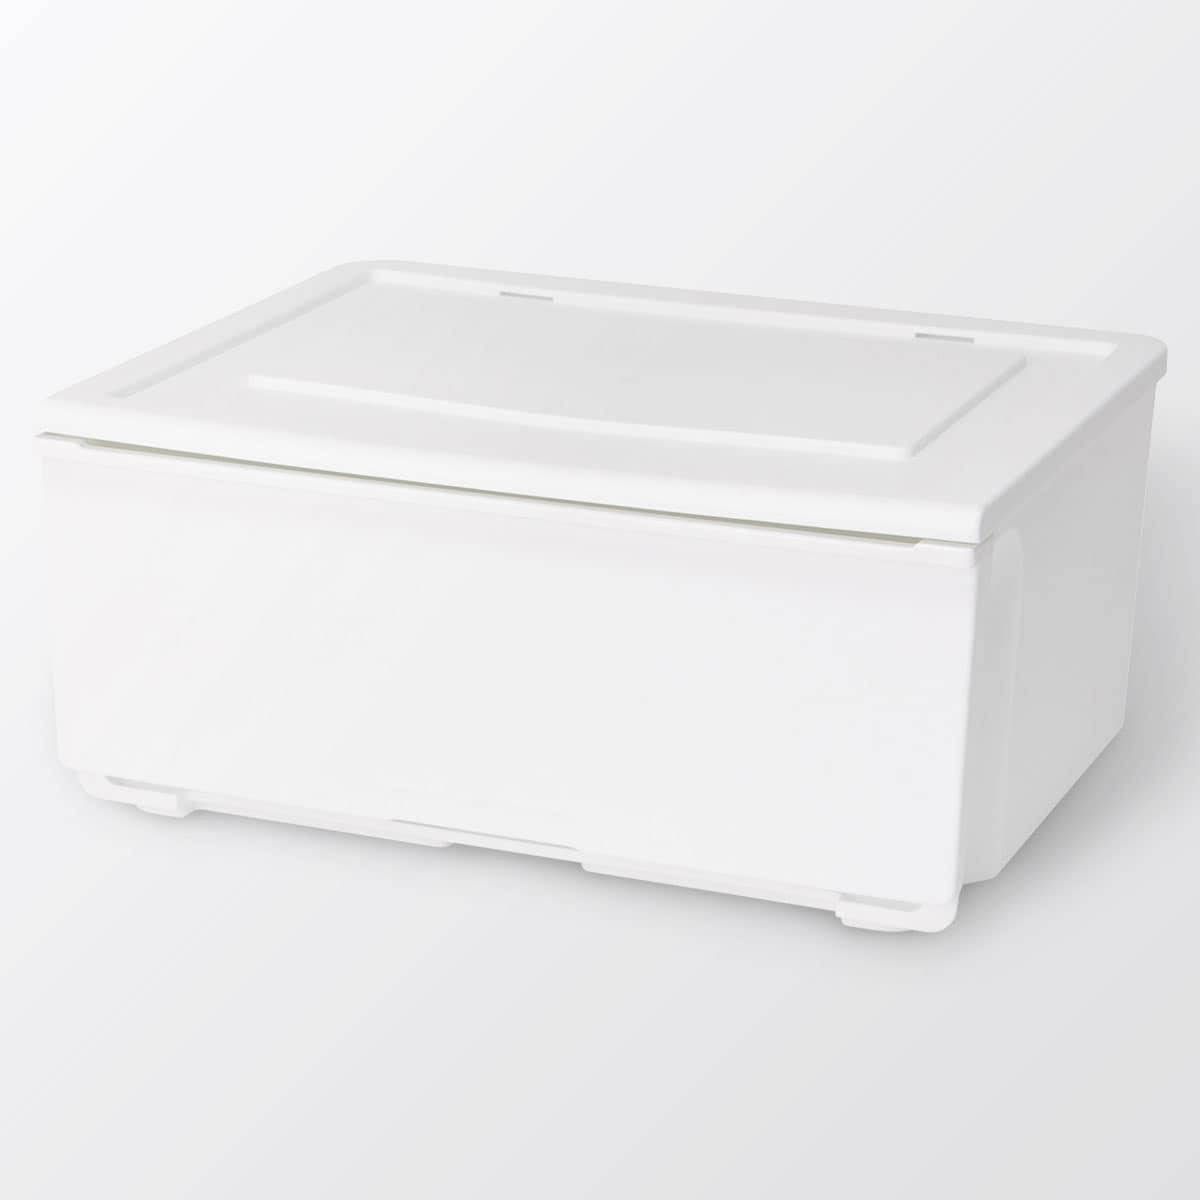 〔幅52〕収納ケース Nフラッテ(ホワイト)